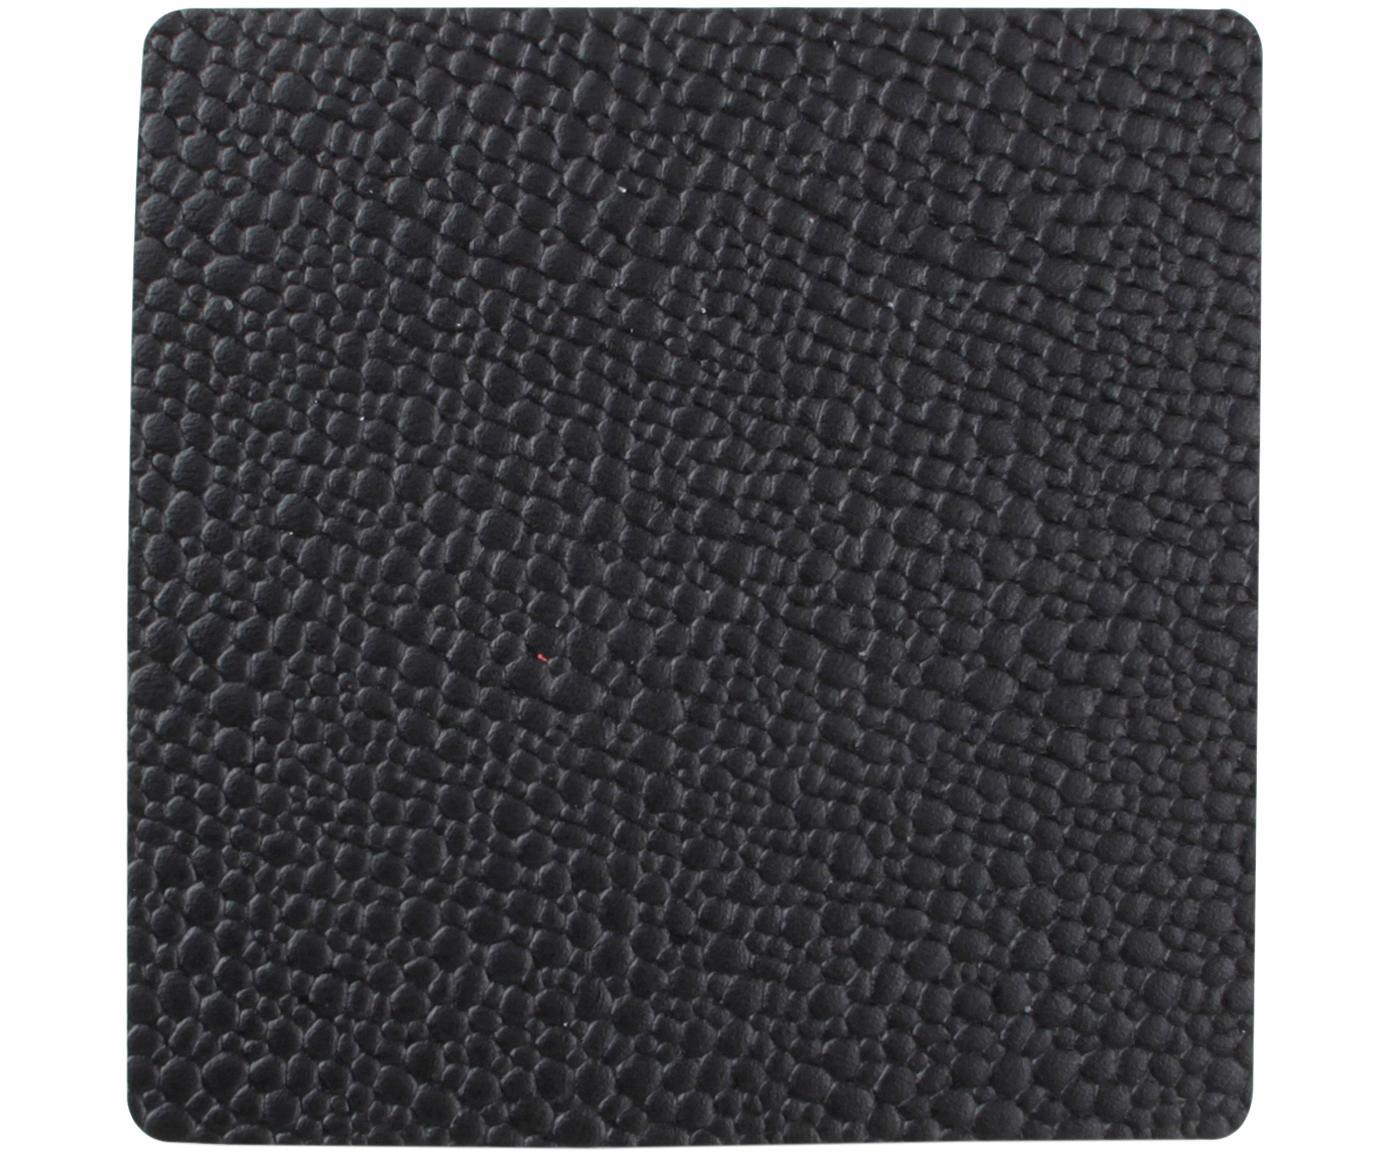 Podstawka Tably, 4 szt., Sztuczna skóra, Czarny, S 10 x W 2 cm